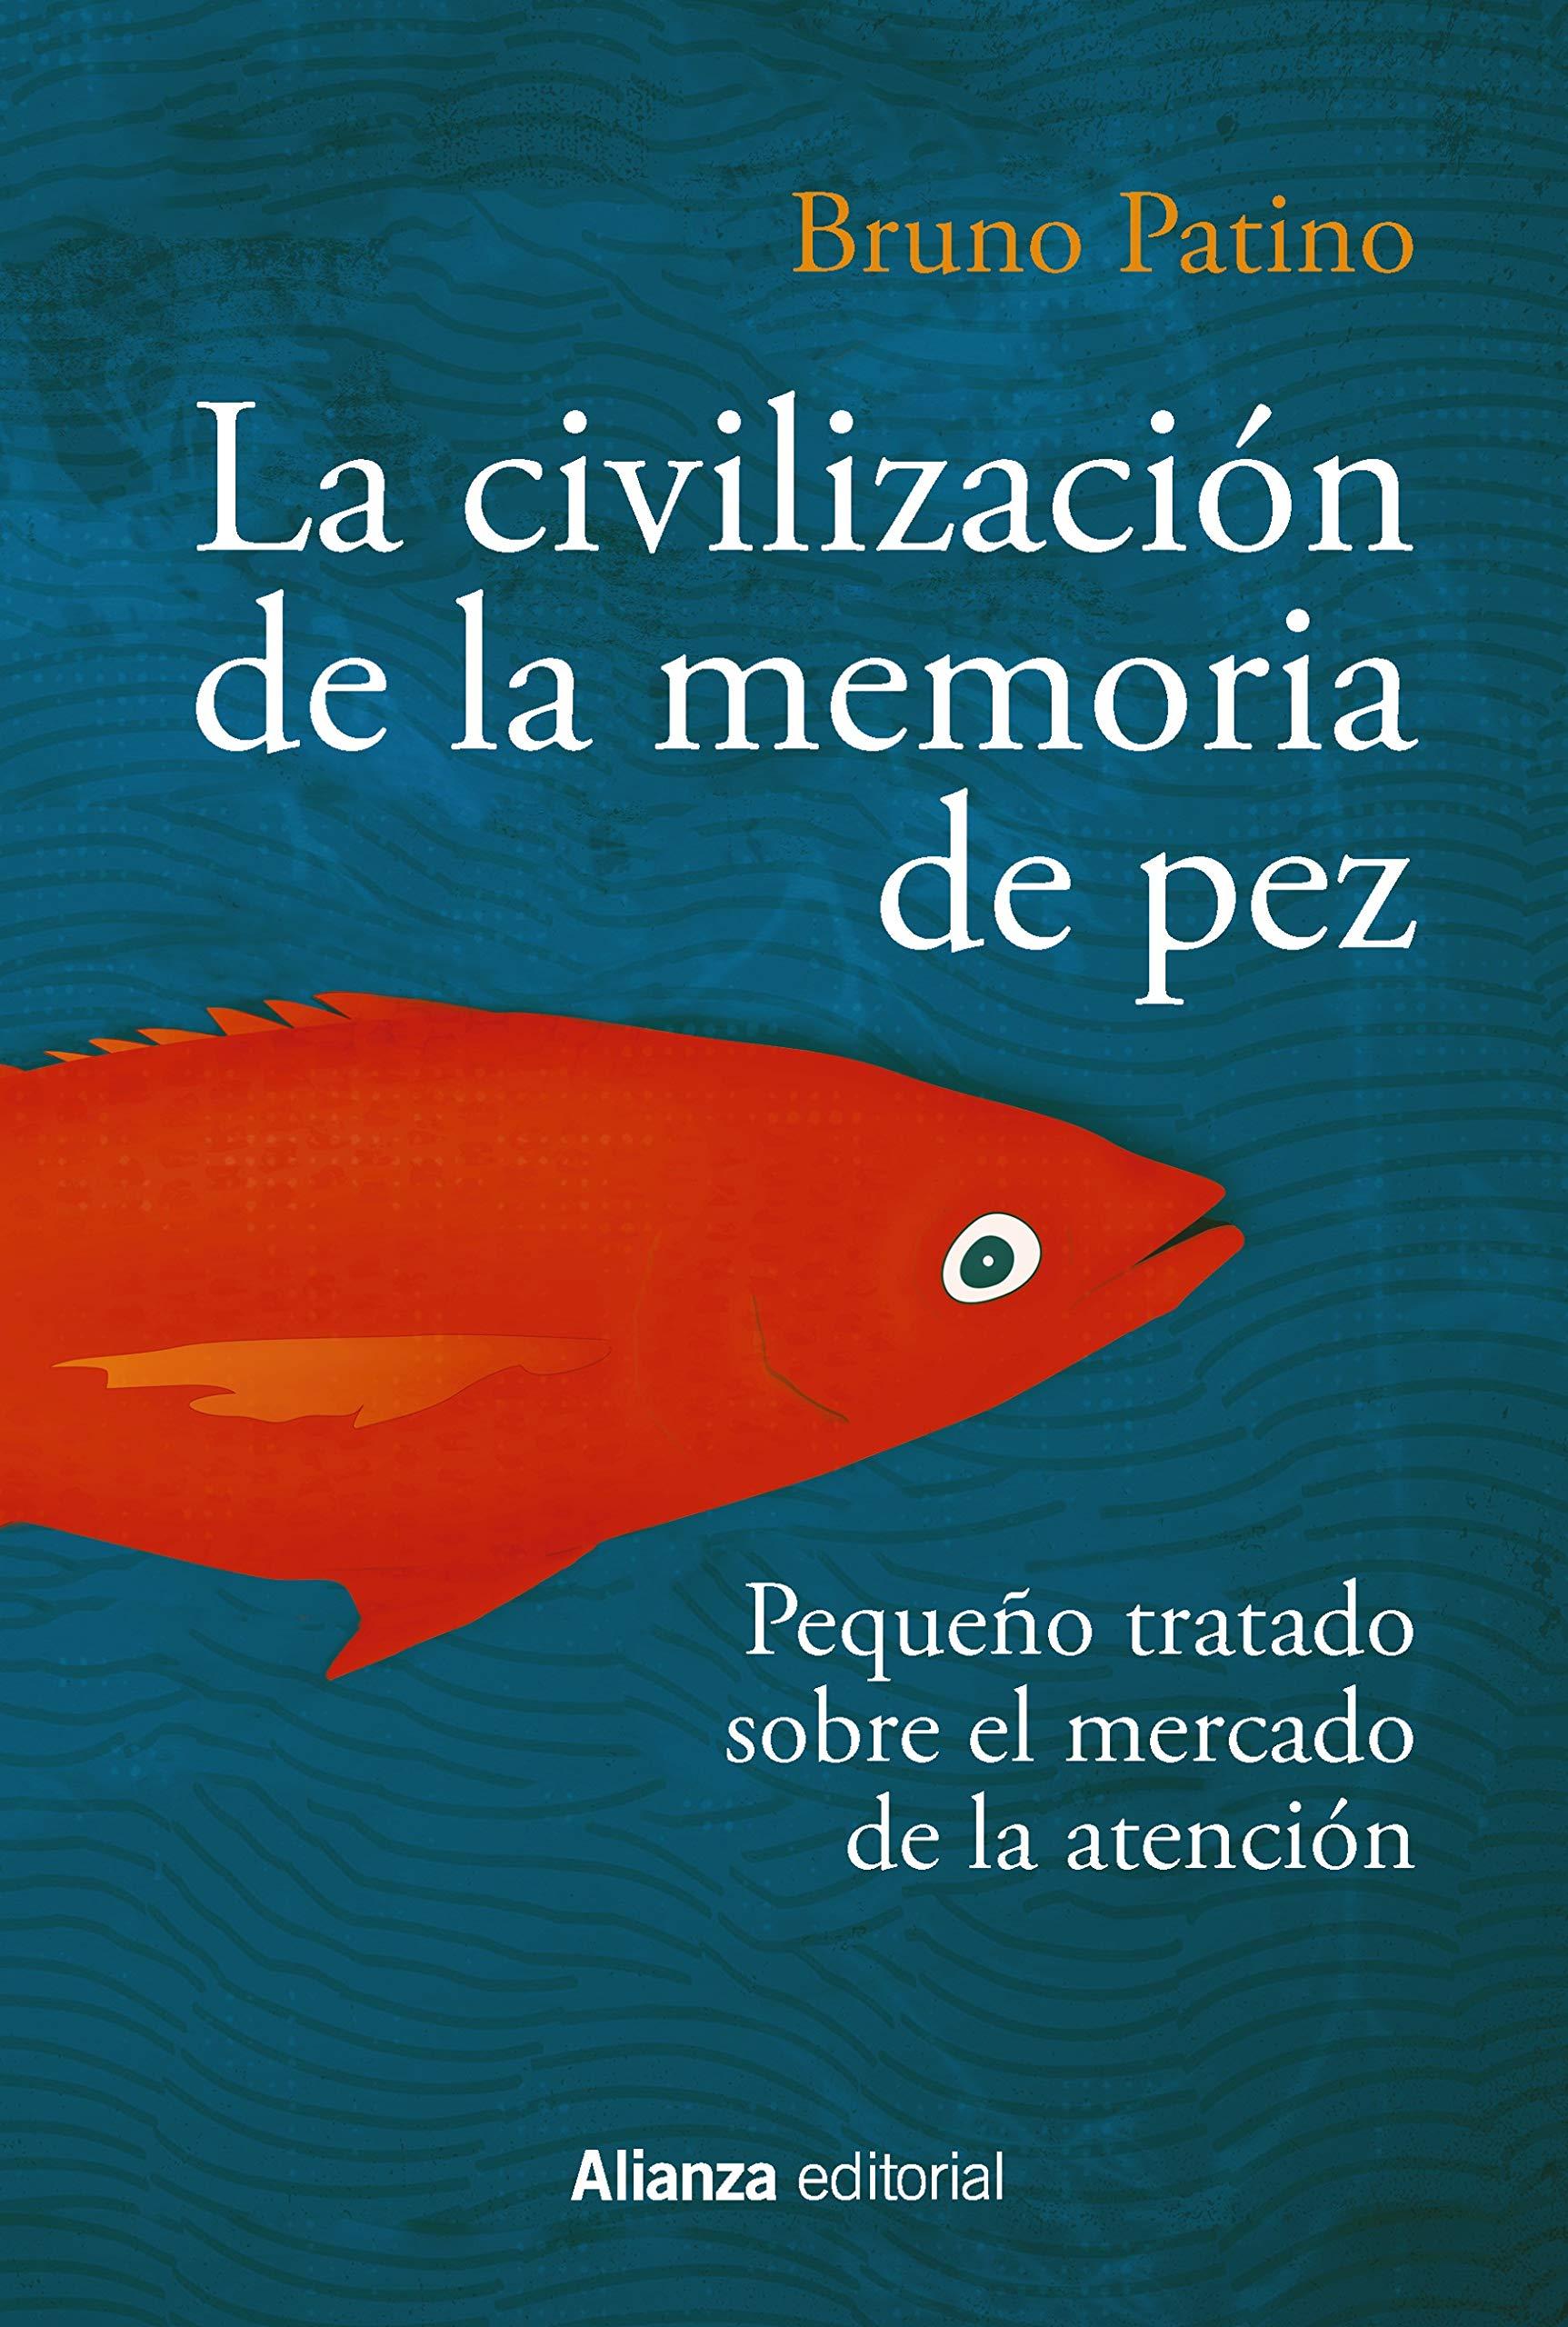 La civilización de la memoria de pez: Pequeño tratado sobre el mercado de la atención (Alianza Ensayo nº 783) por Bruno Patino